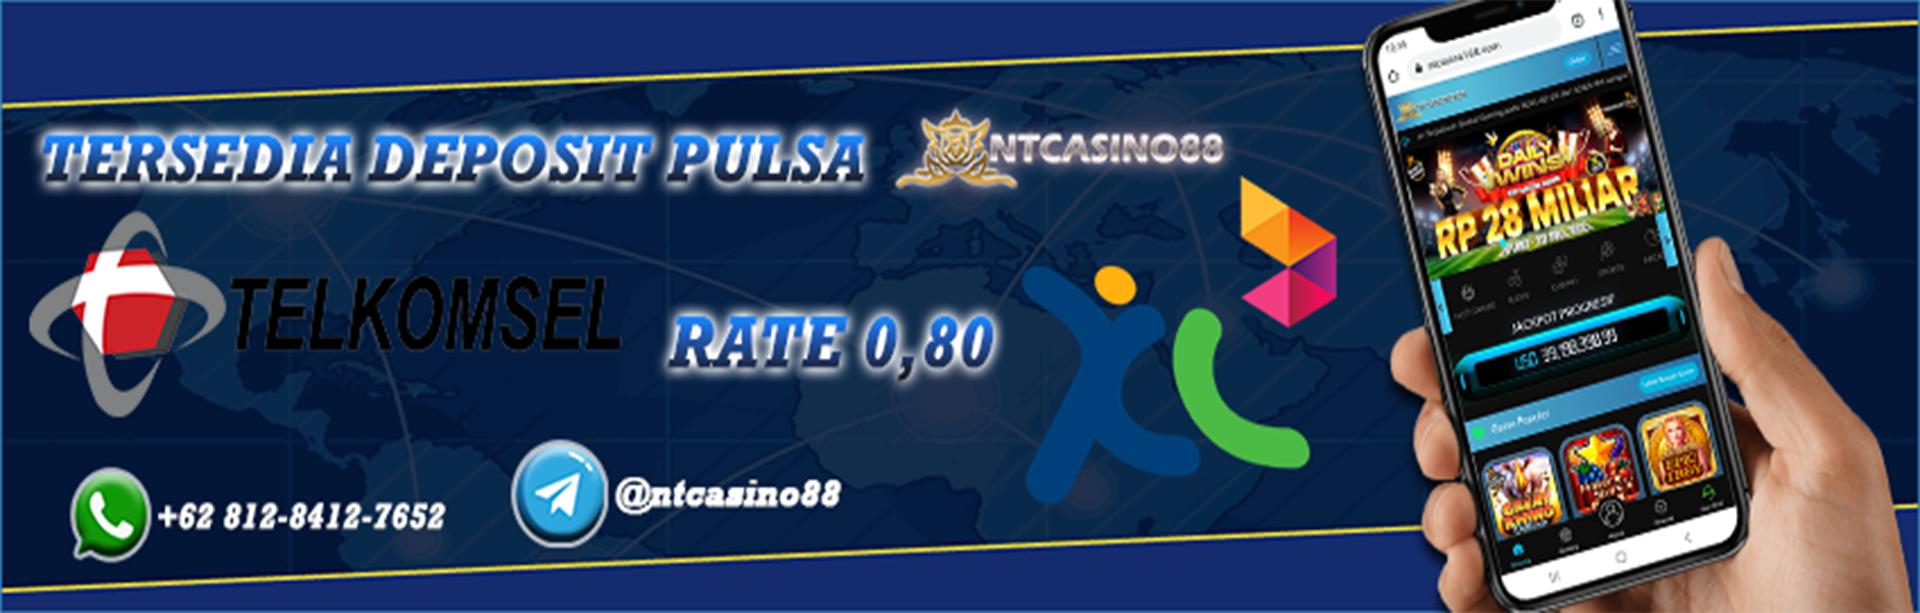 Deposit Pulsa Tsel & XL Rate 0,80